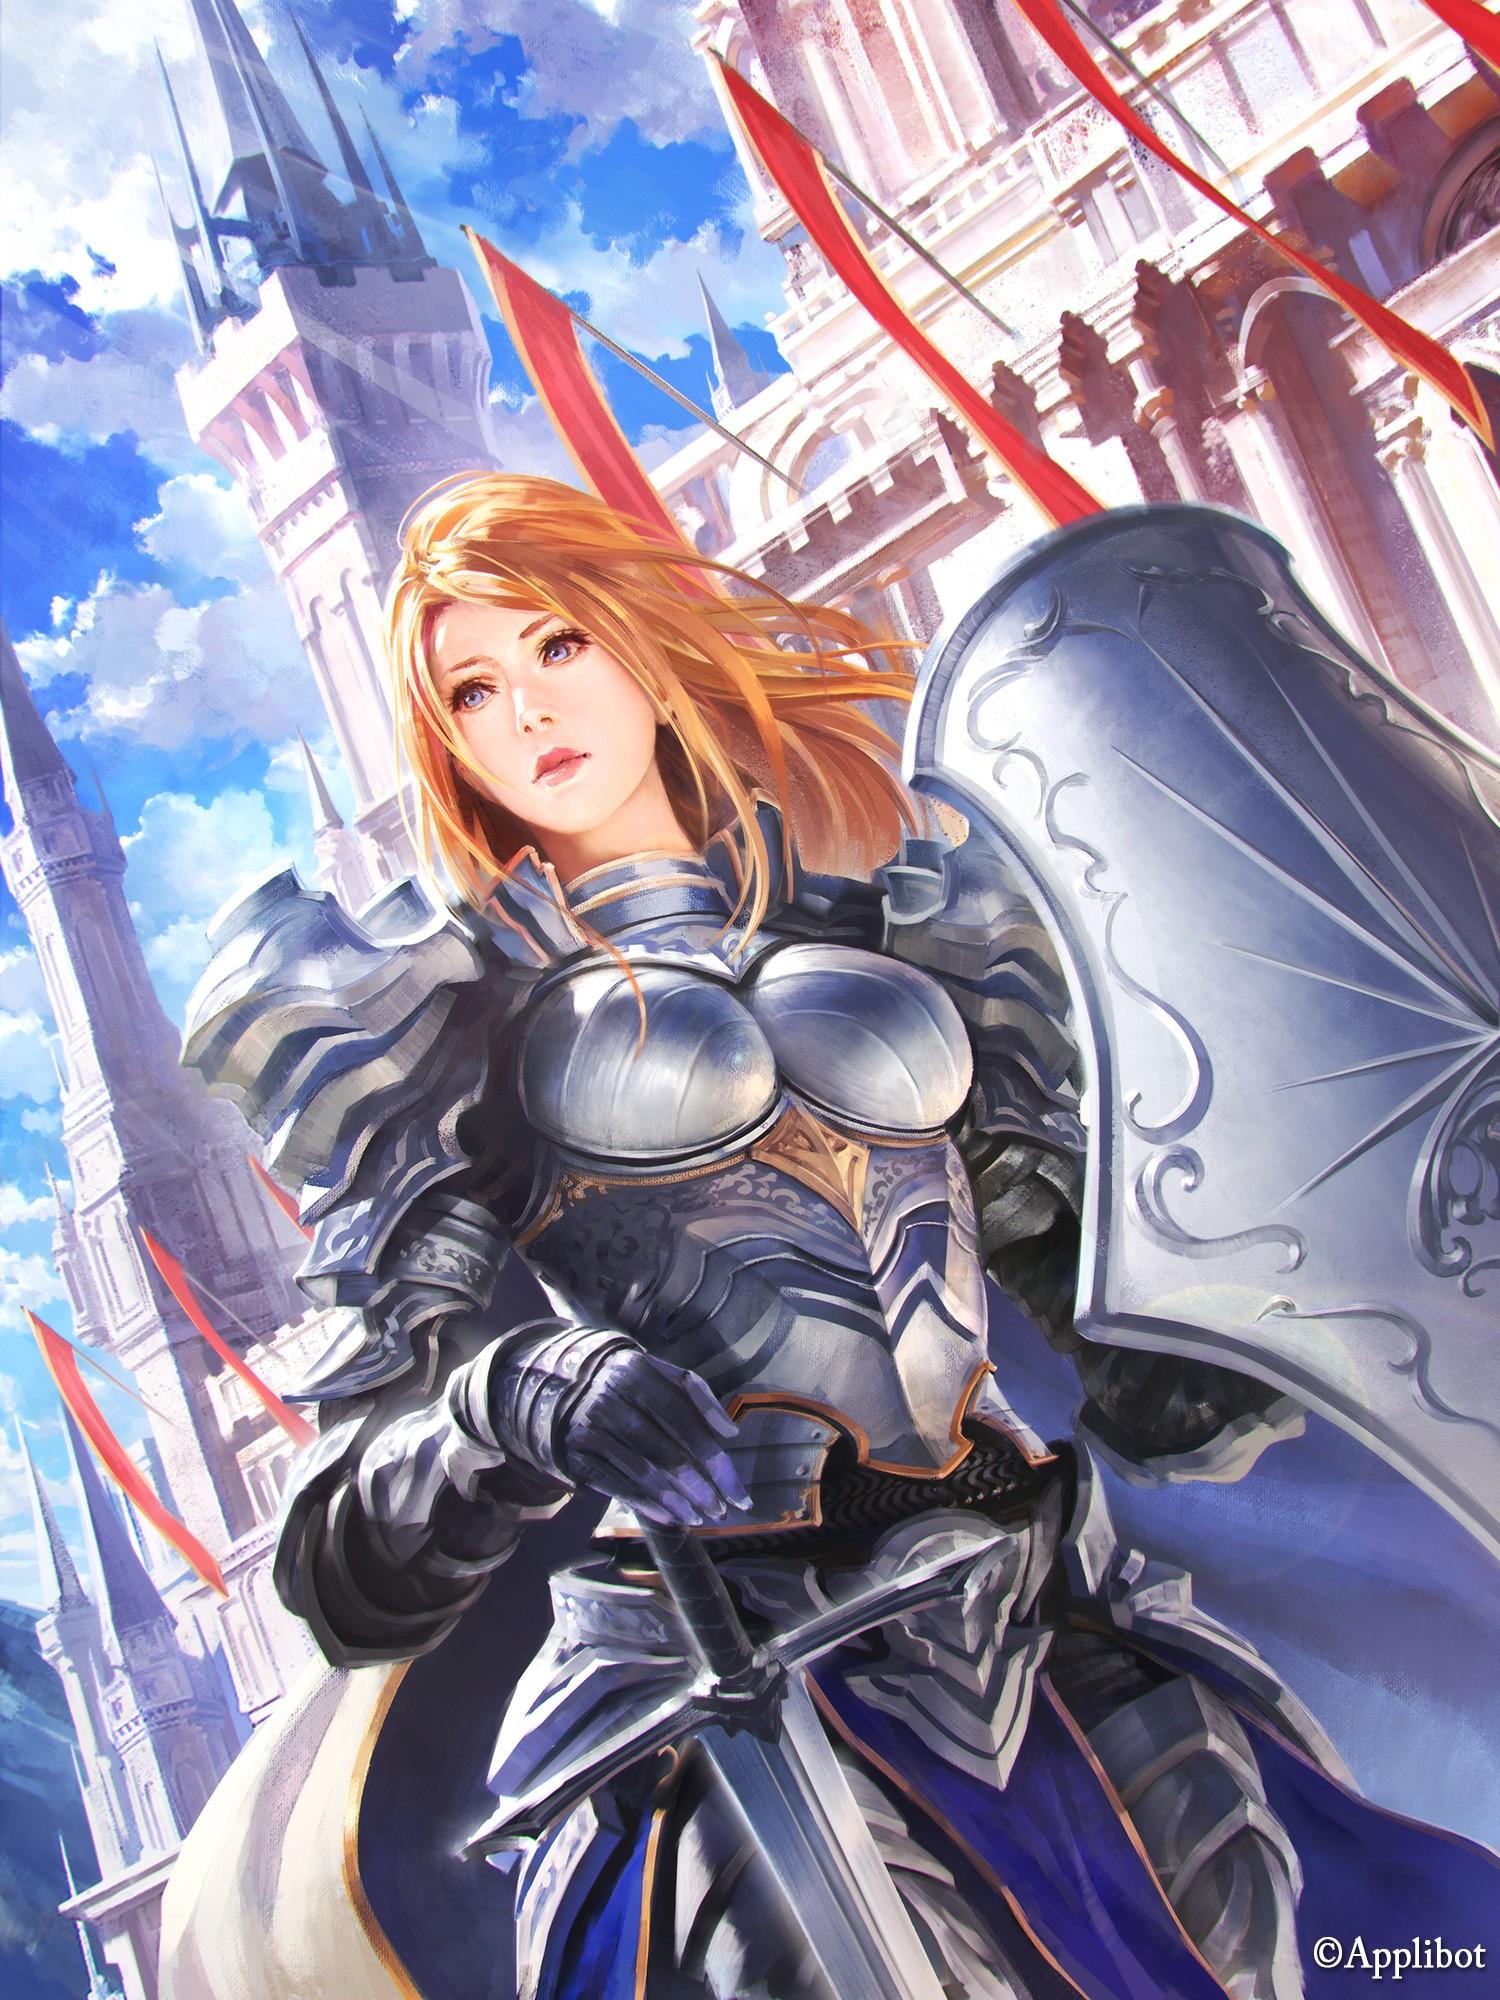 Wallpaper Illustration Anime Girls Short Hair Armor